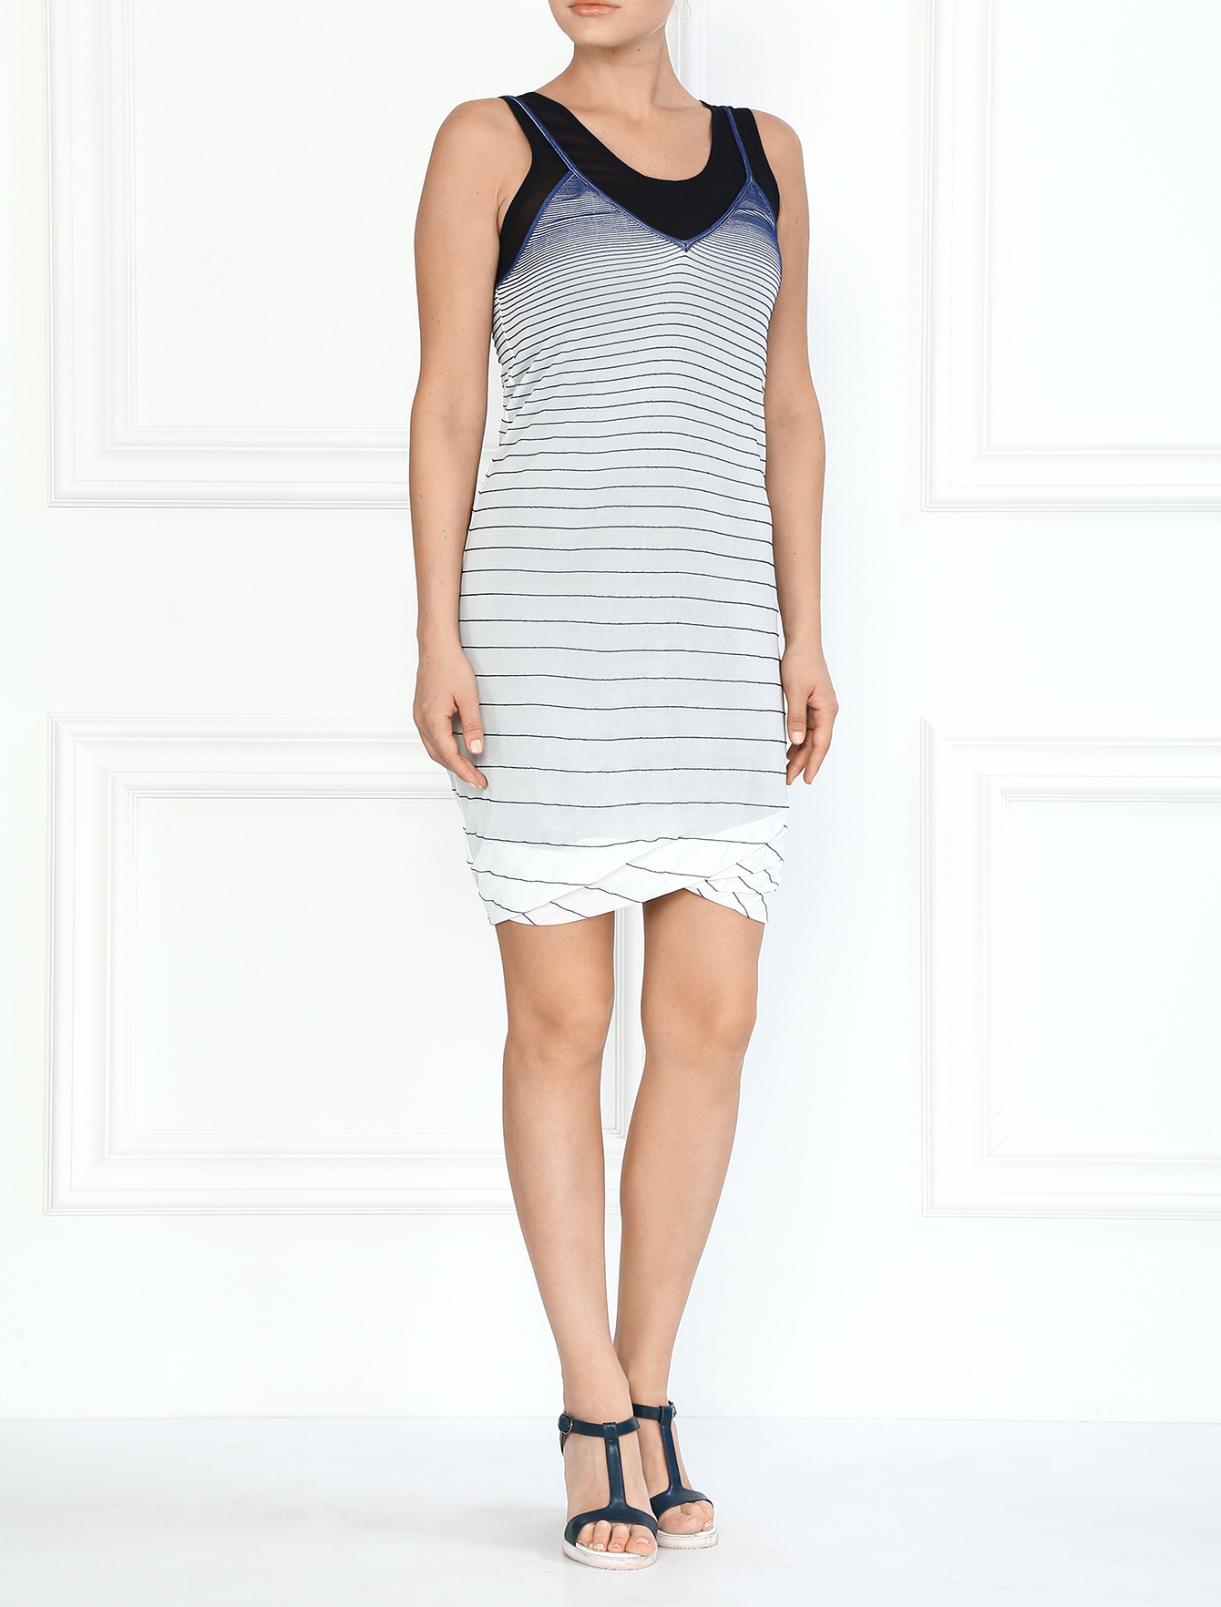 Полосатое платье на бретелях Jean Paul Gaultier  –  Модель Общий вид